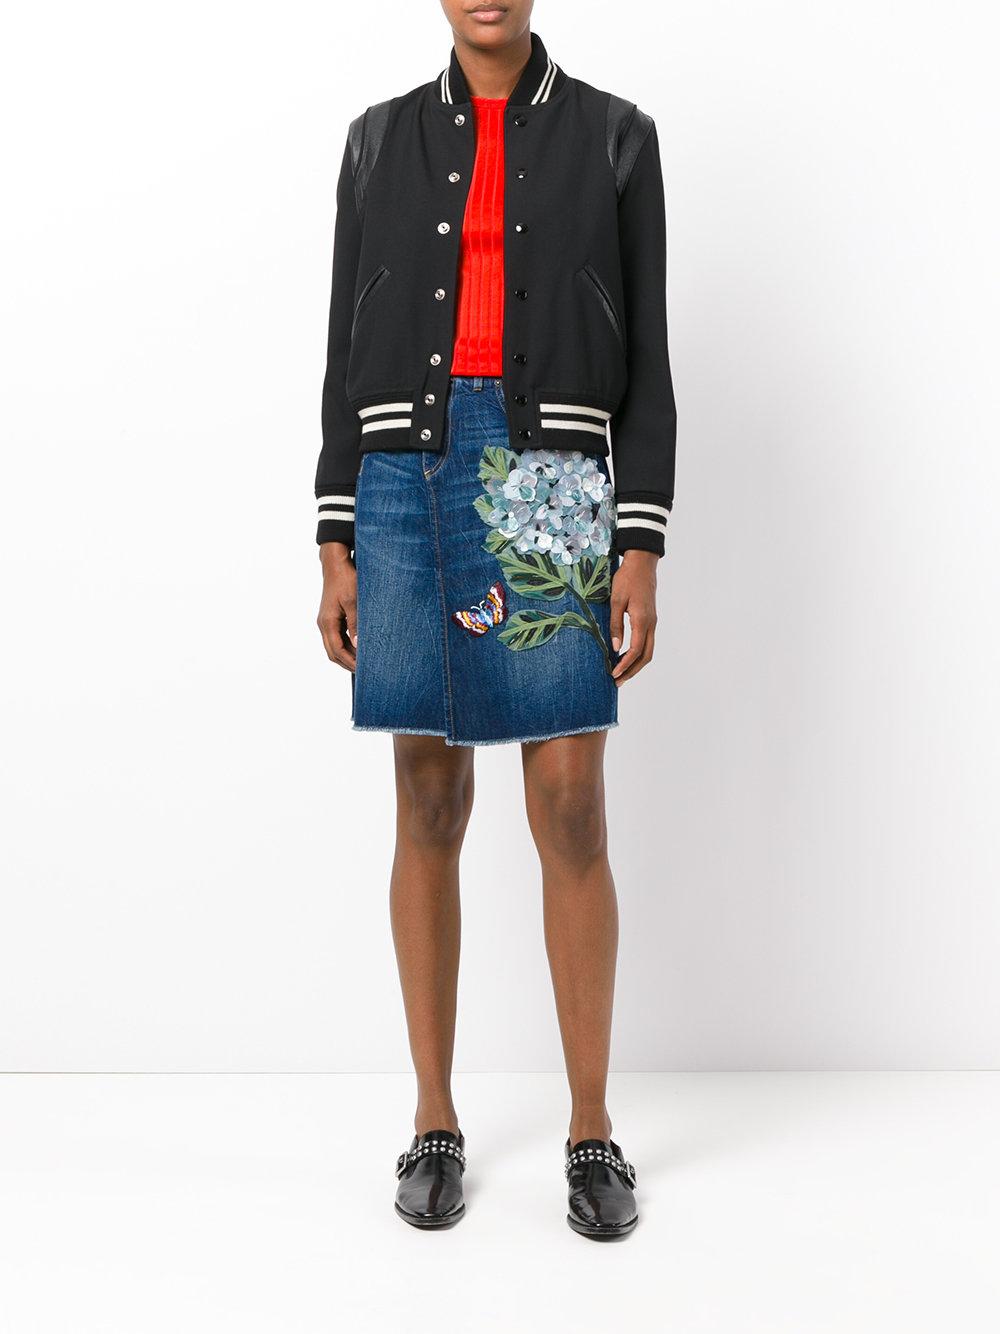 Джинсовая юбка с цветочным принтом для осени 2017